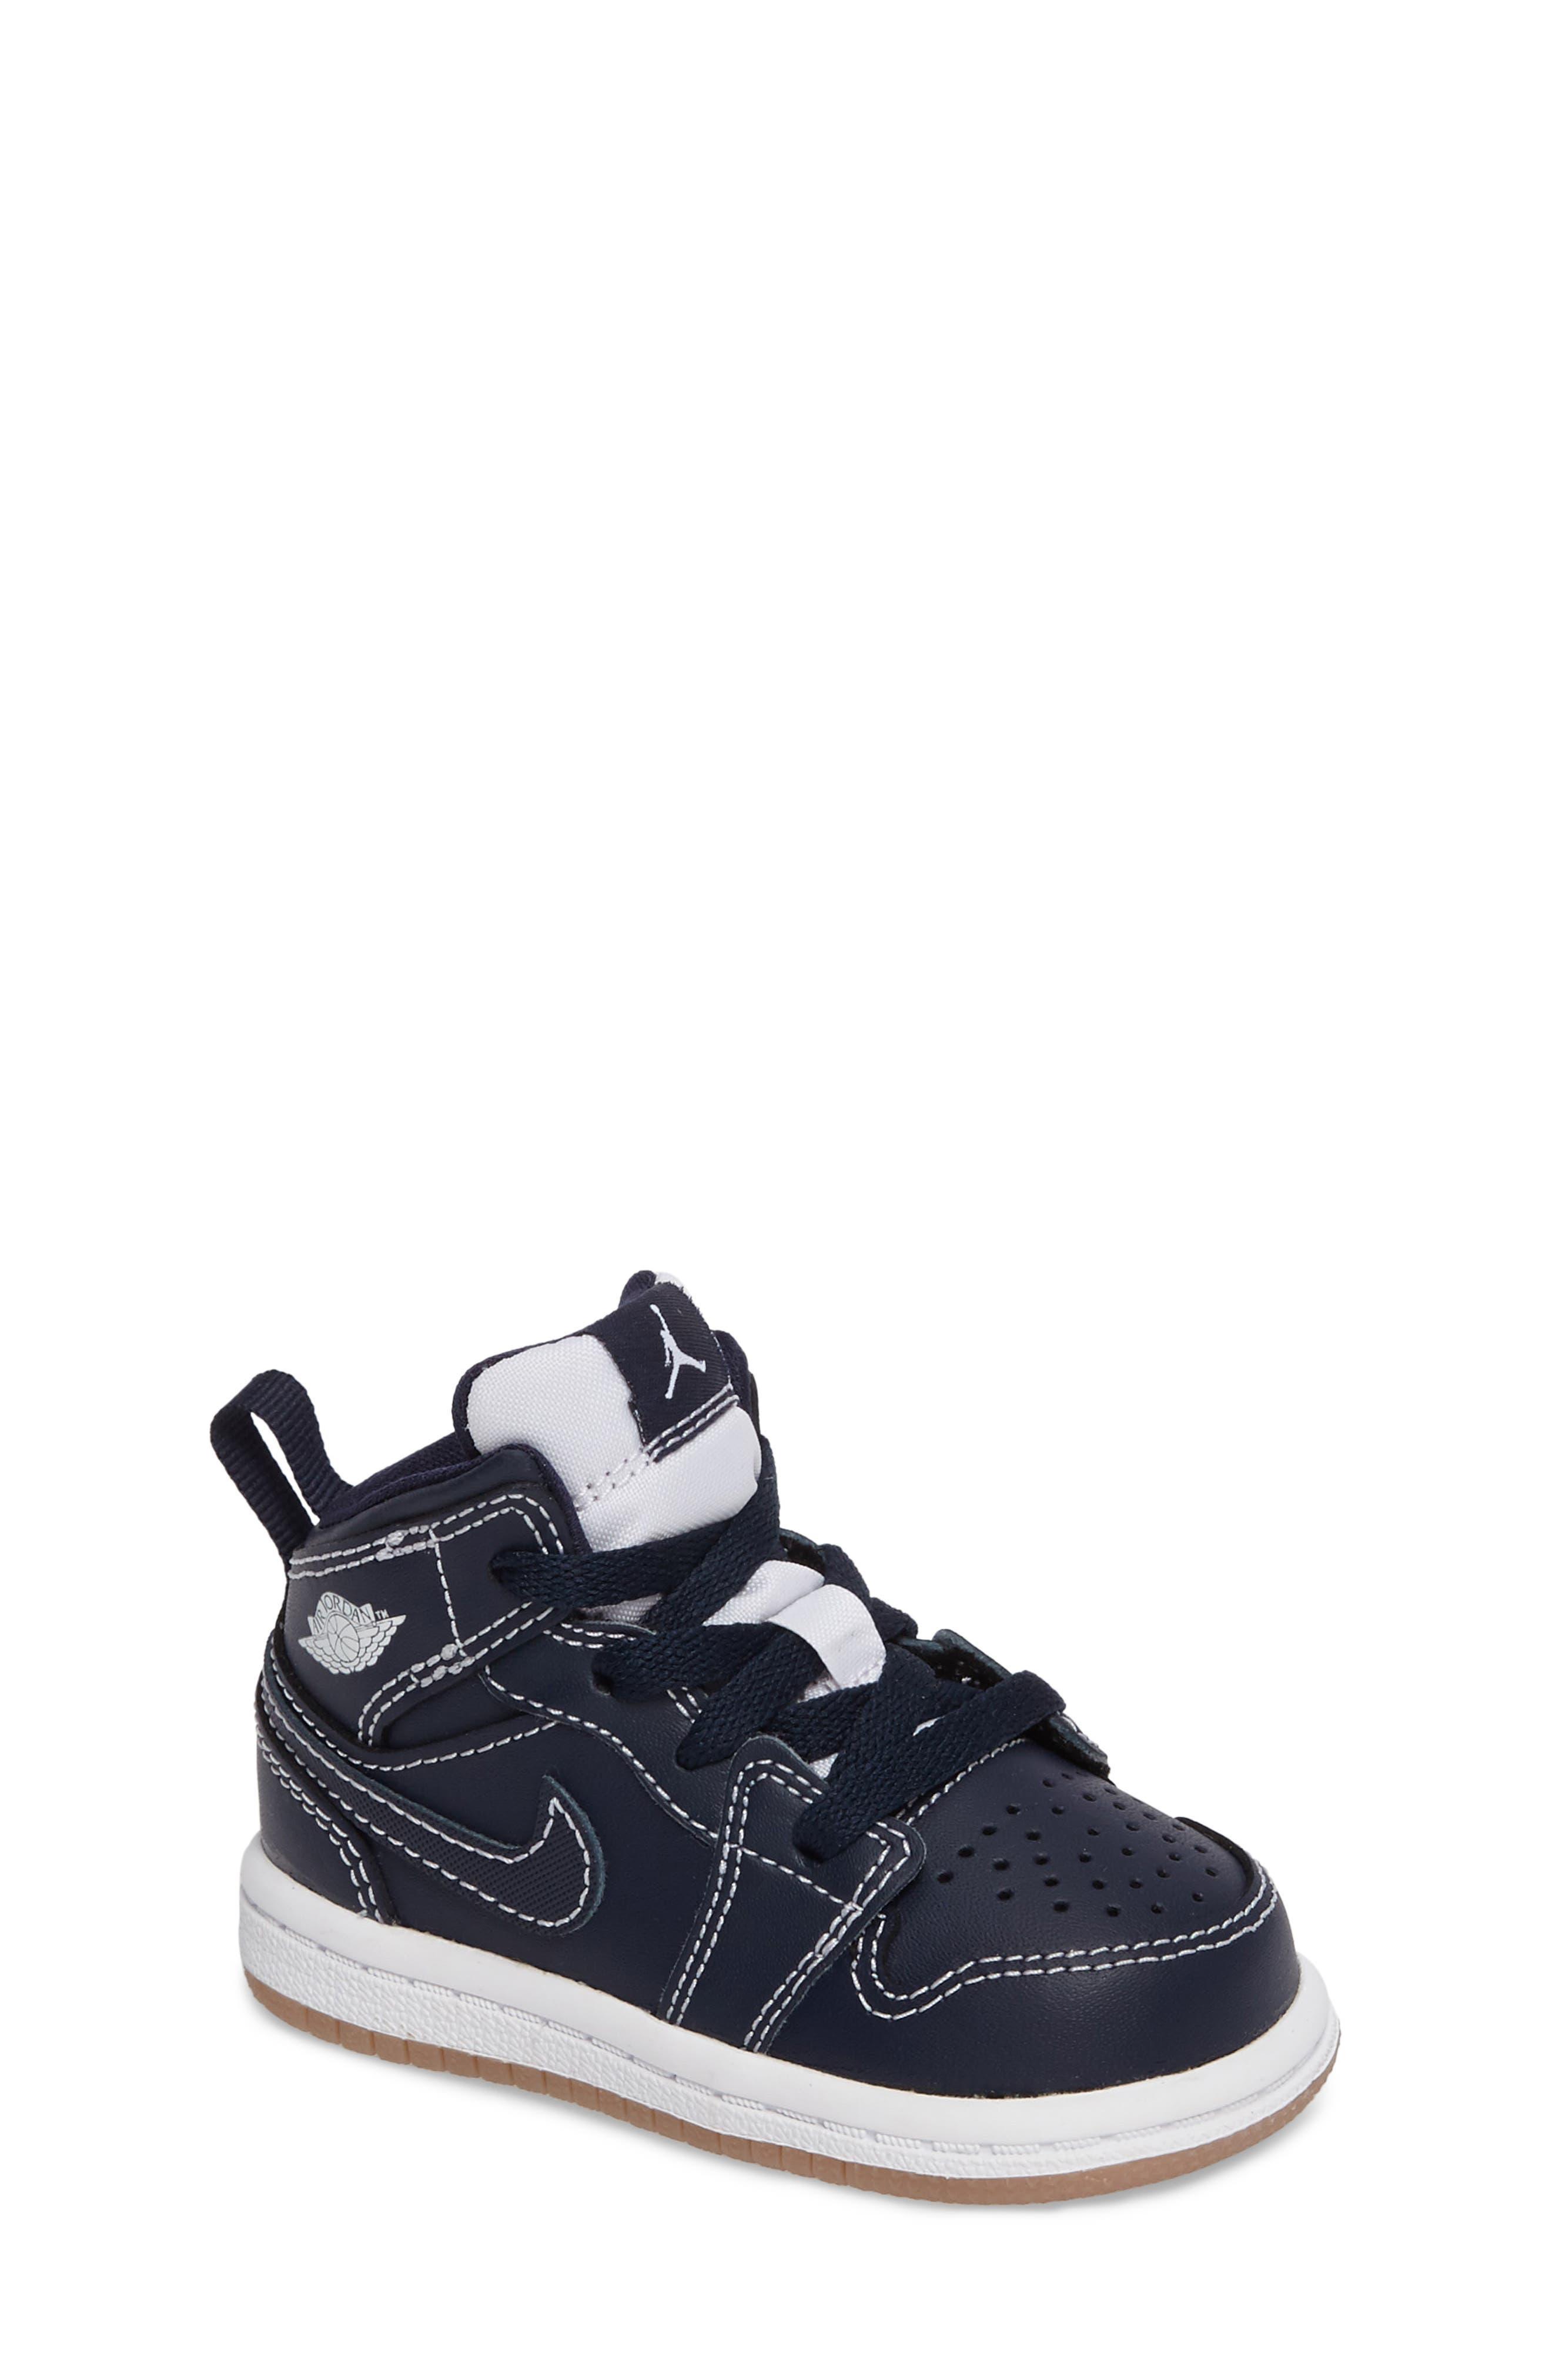 Main Image - Nike 'Air Jordan 1' Mid Sneaker (Baby, Walker & Toddler)